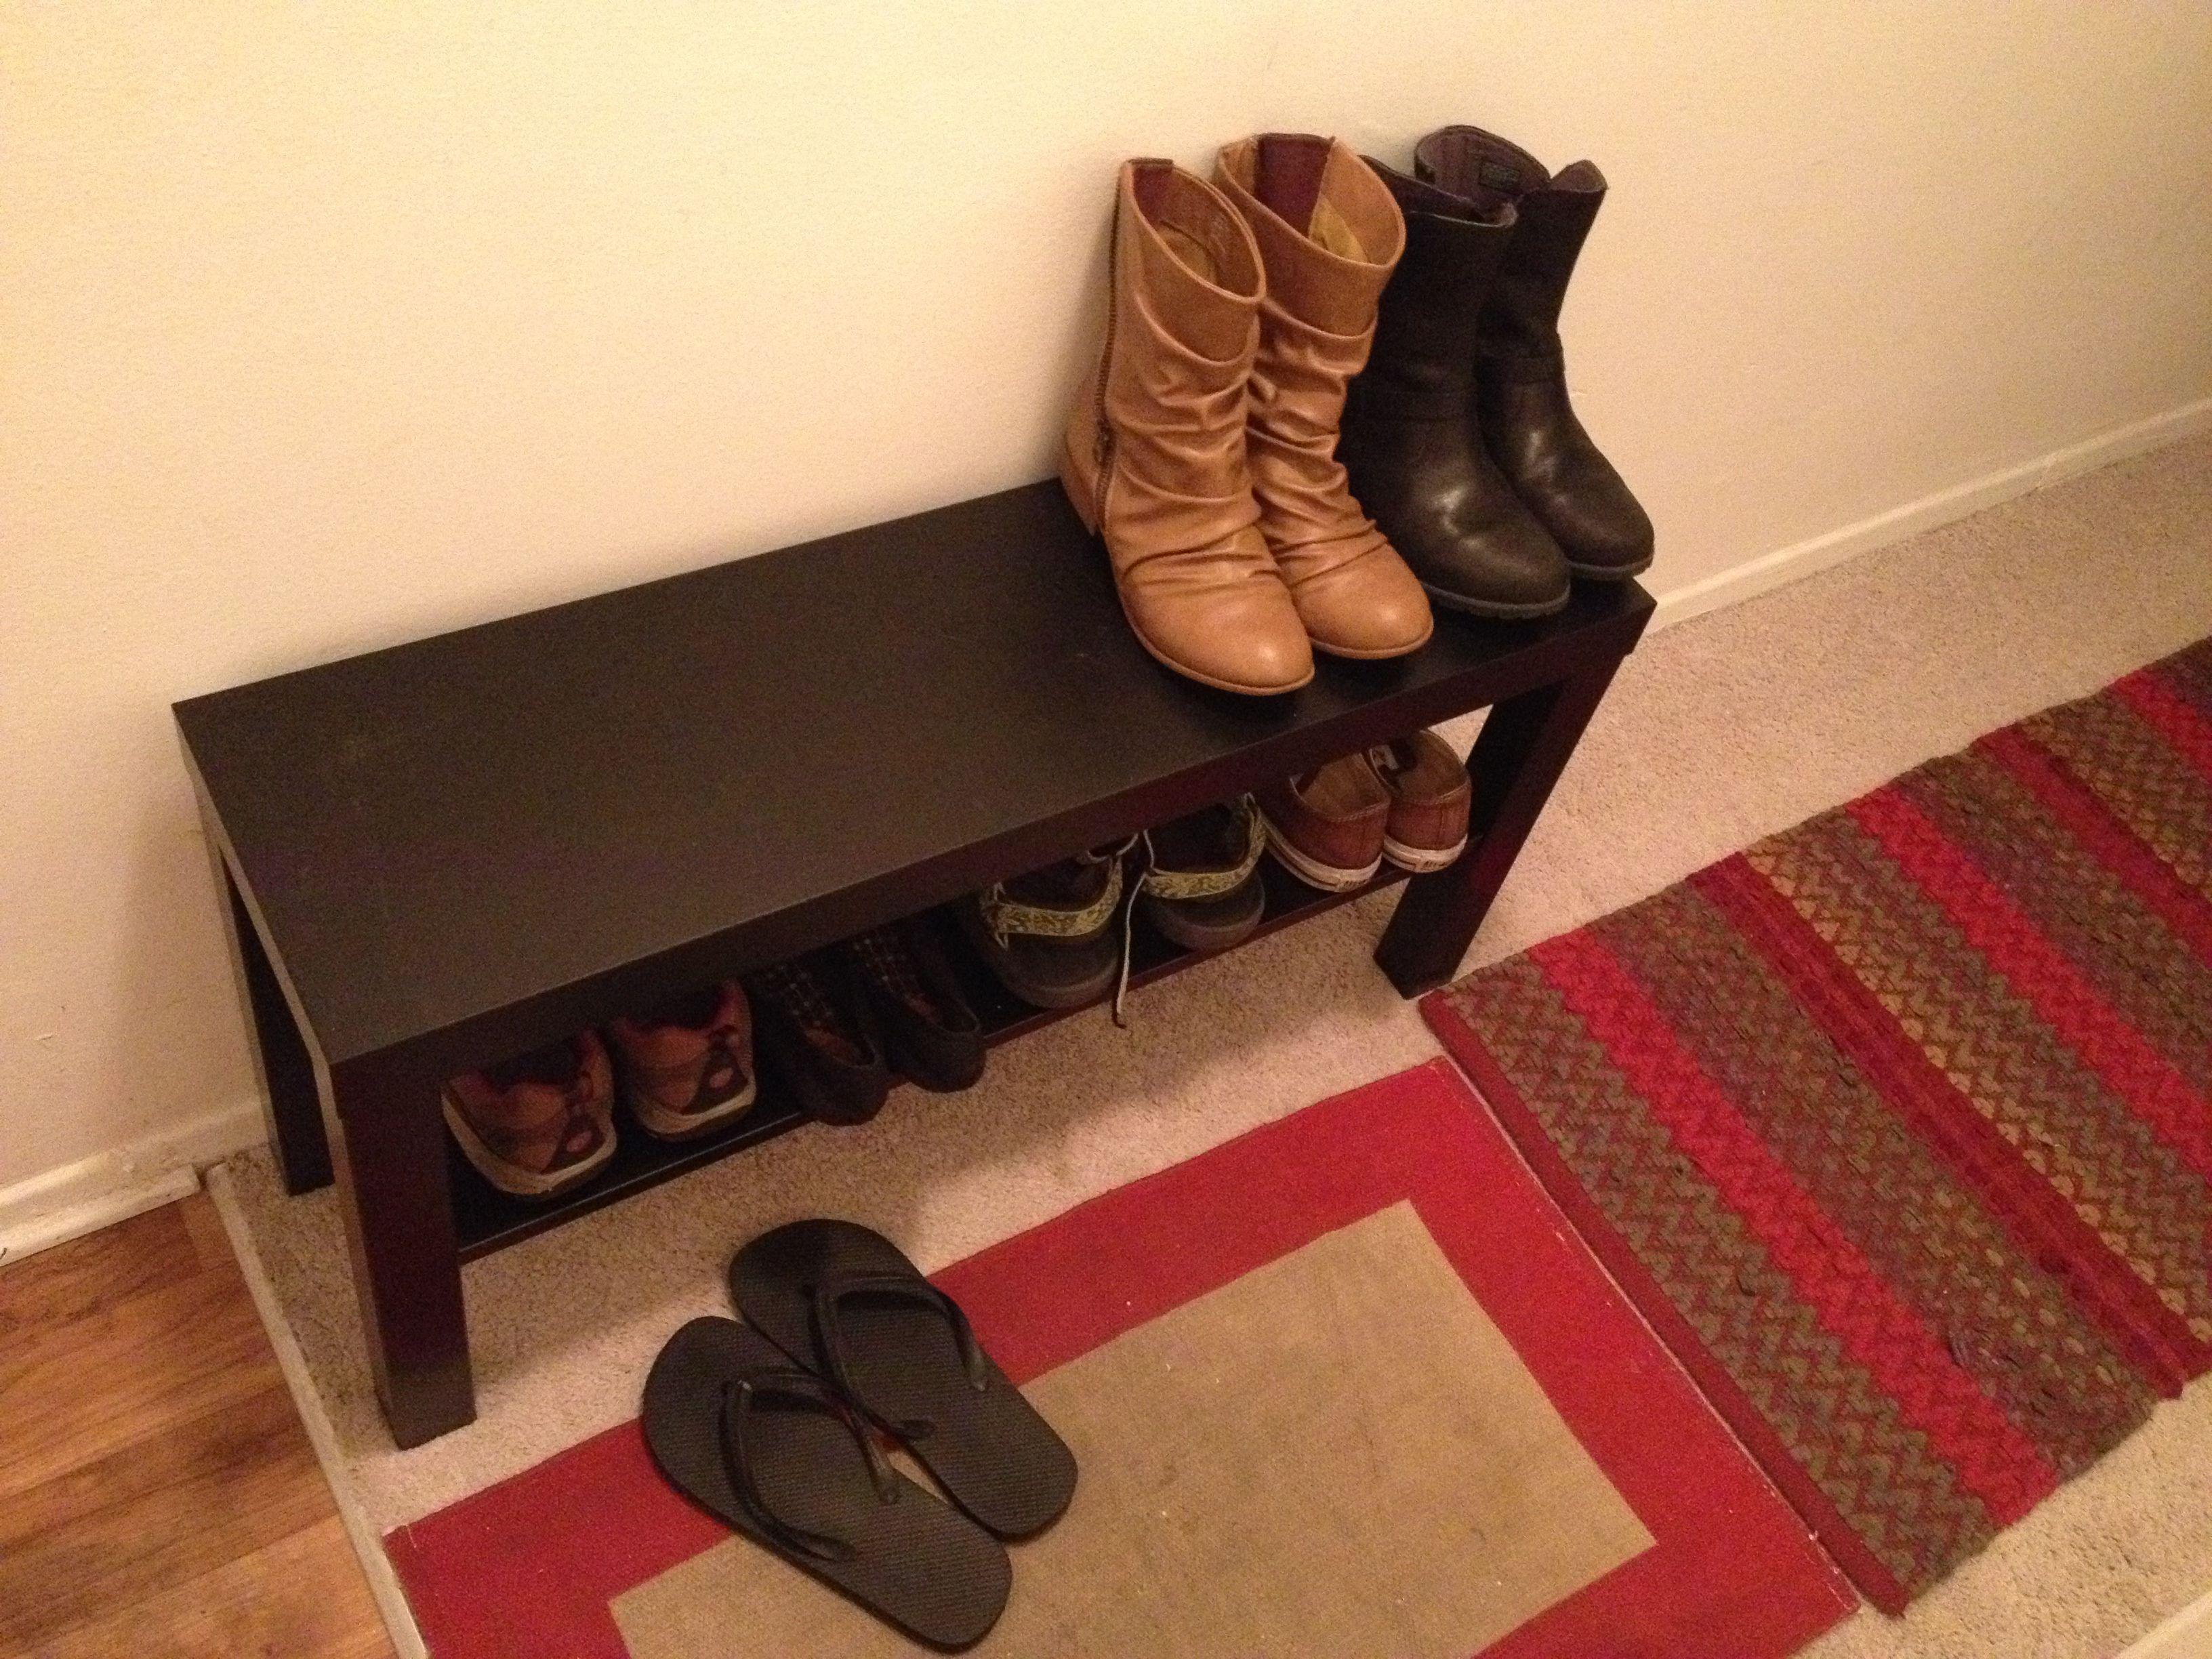 LACK TV unit, black | Shoe bench, Tv units and Bench